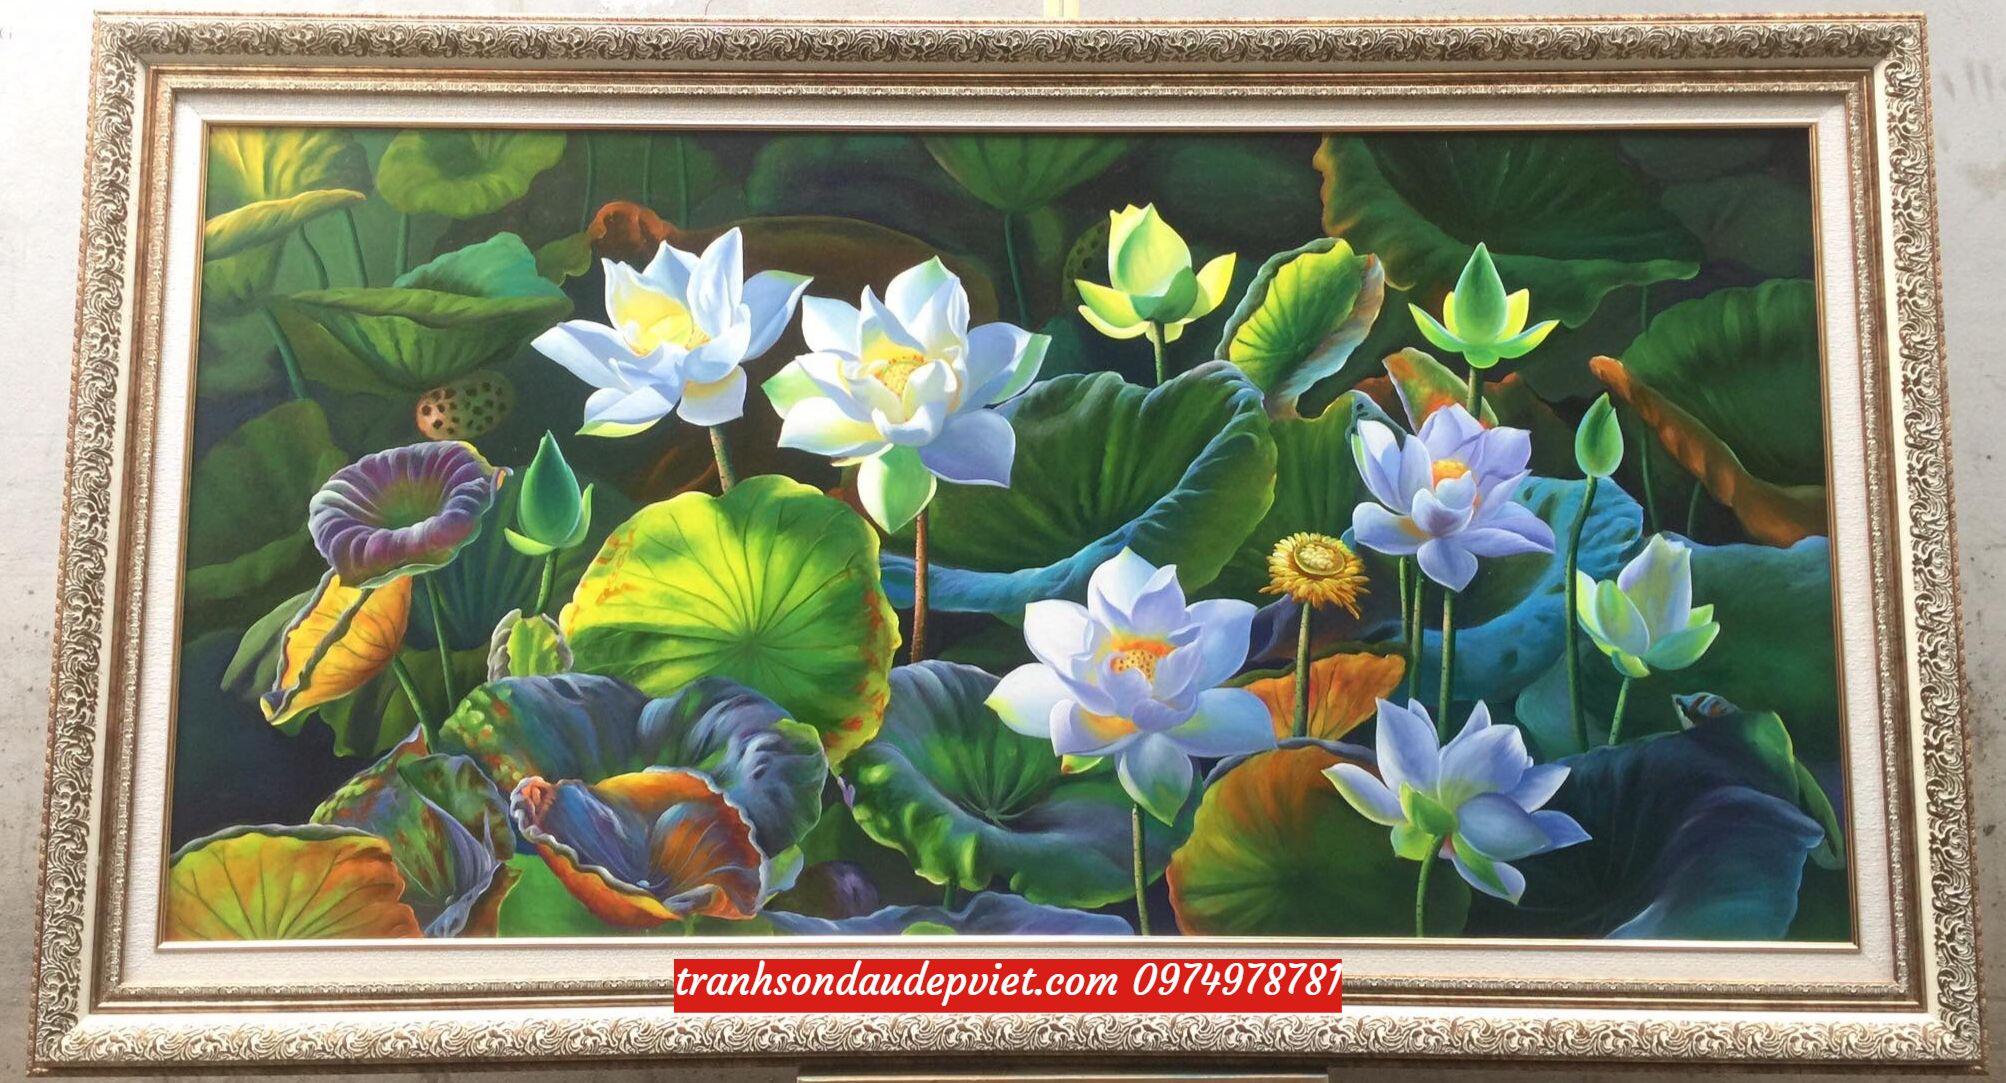 Tranh sơn dầu hoa sen treo tường phòng khách